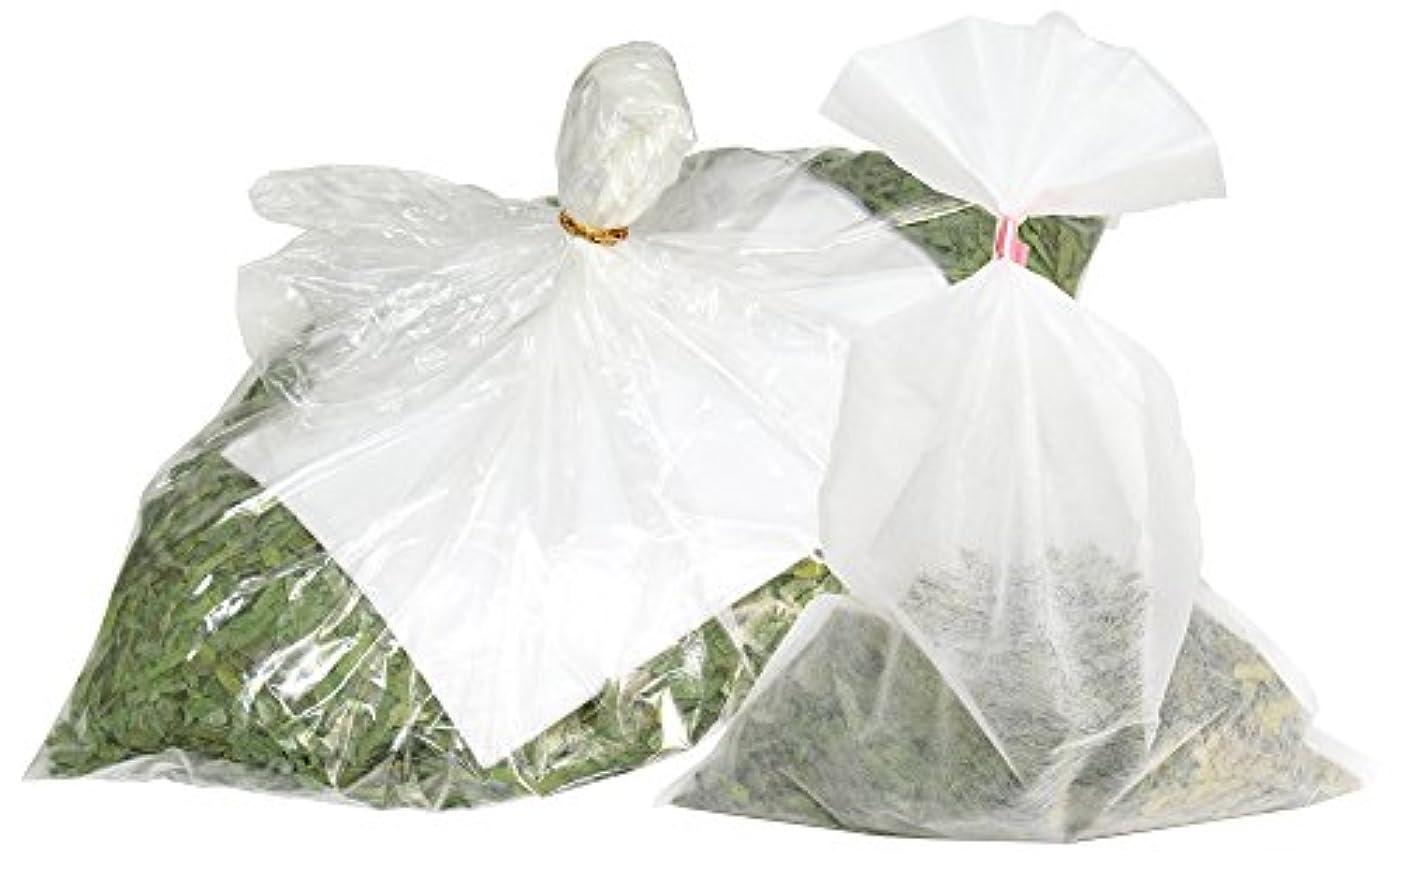 画像一時解雇する退屈な自然健康社 シジュウムの湯 600g 乾燥刻み 不織布付き